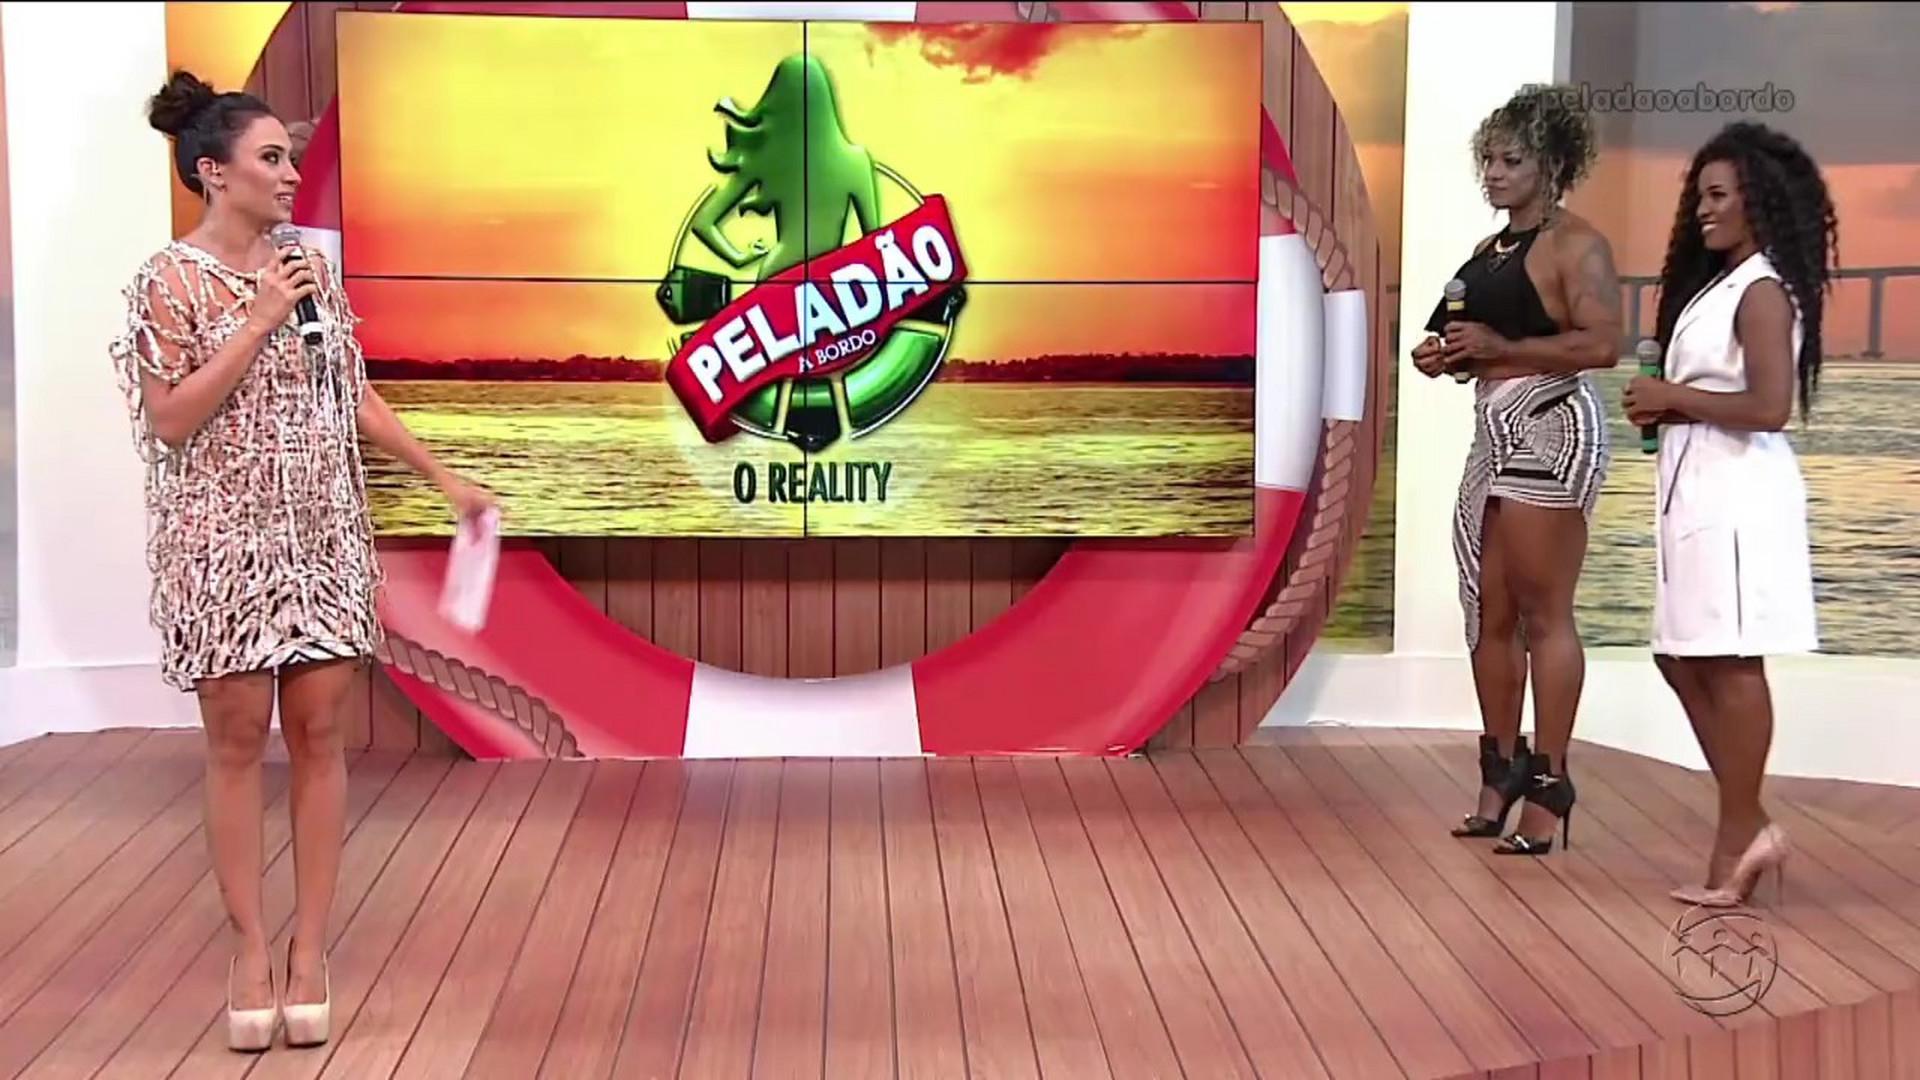 PELADÃO A BORDO - EPISÓDIO 12 - 29/11/17